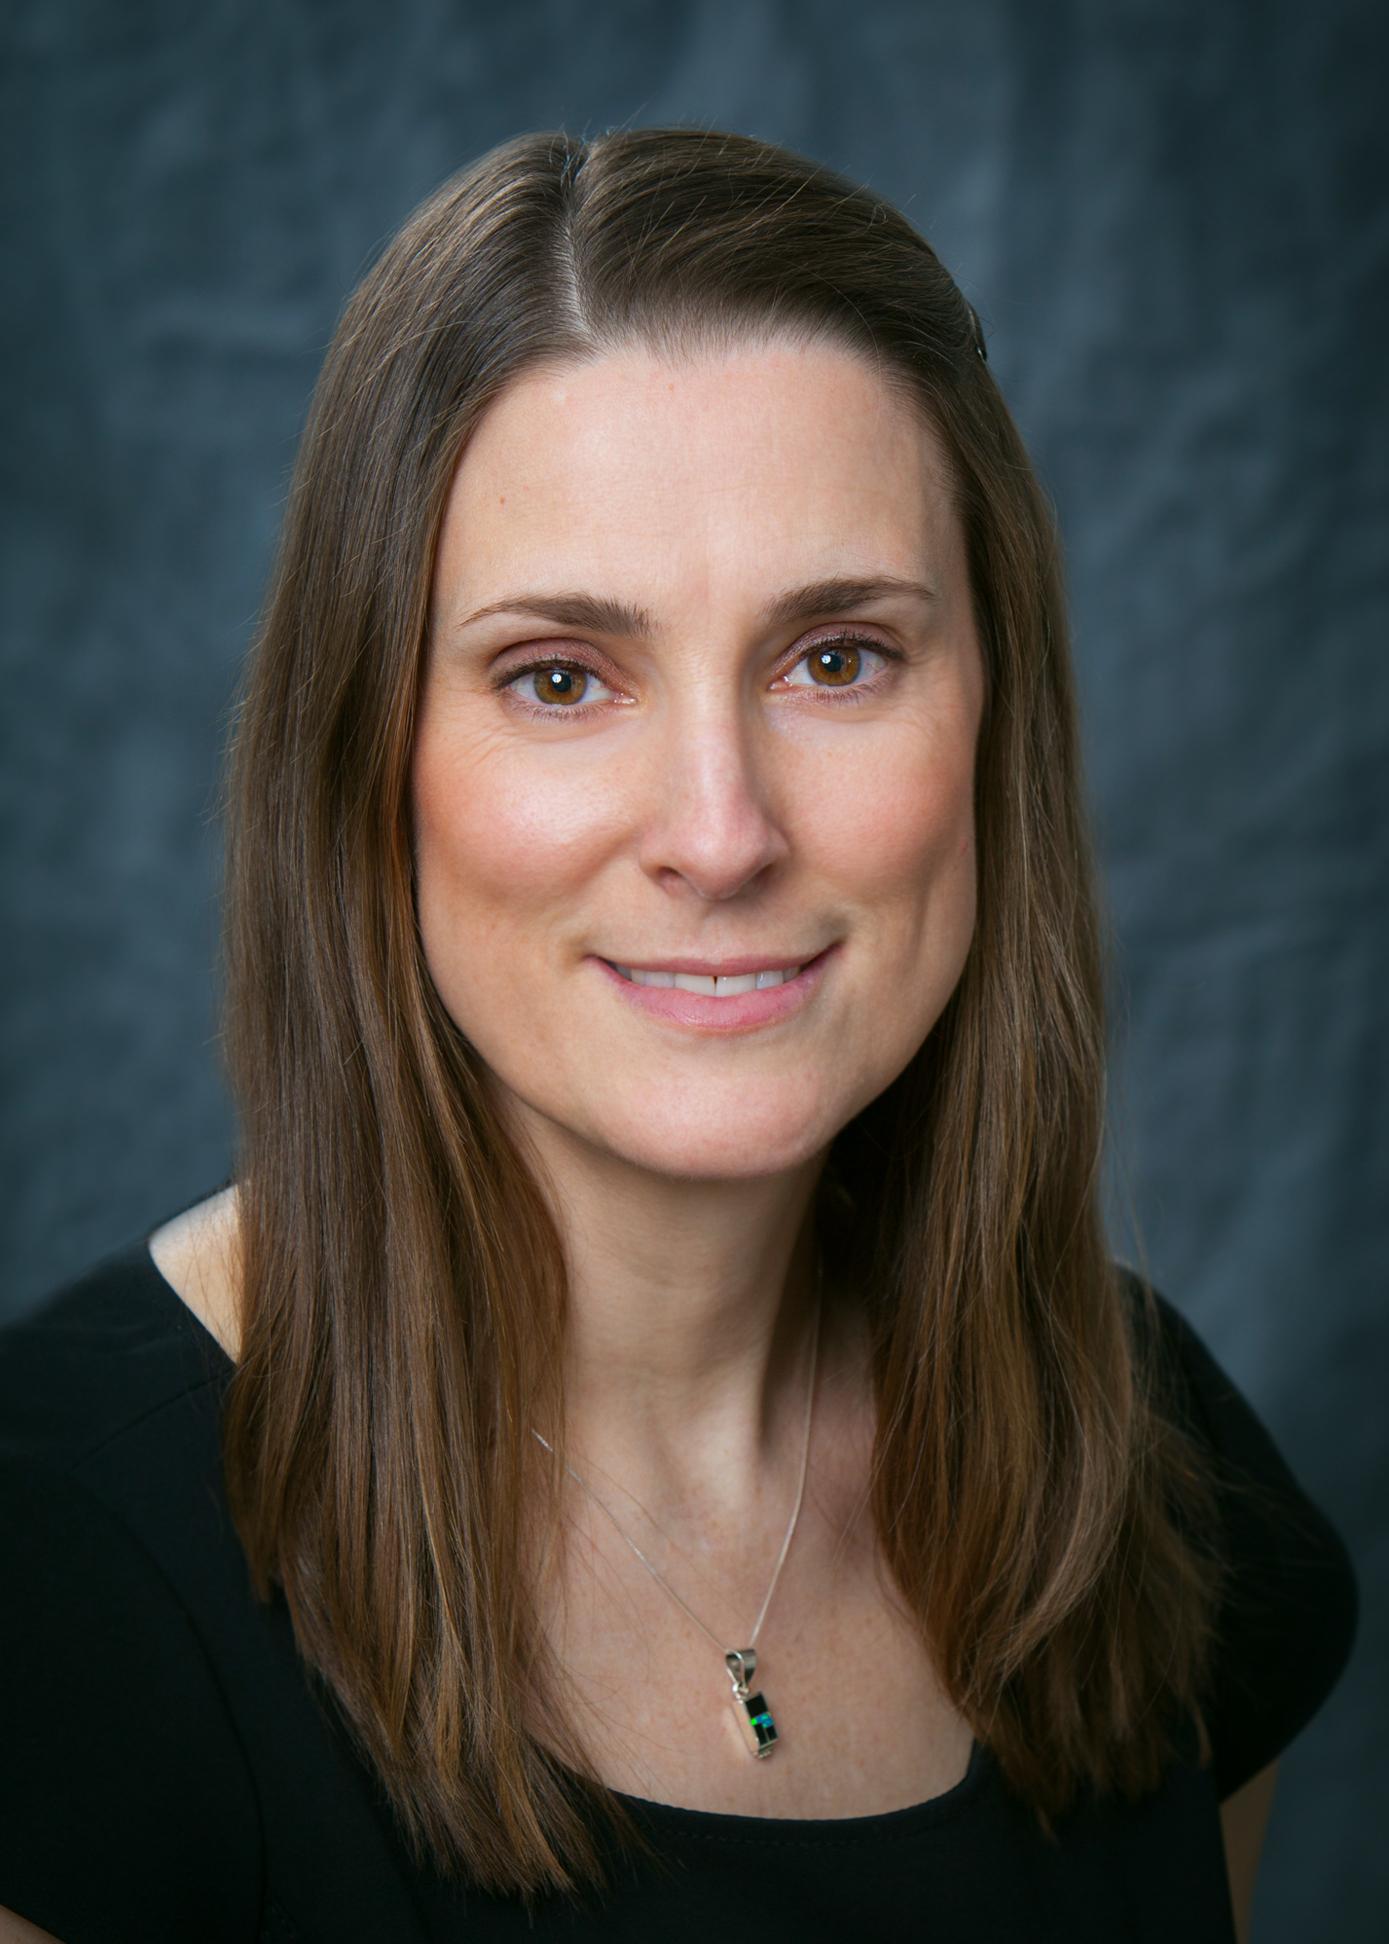 Michelle Cario